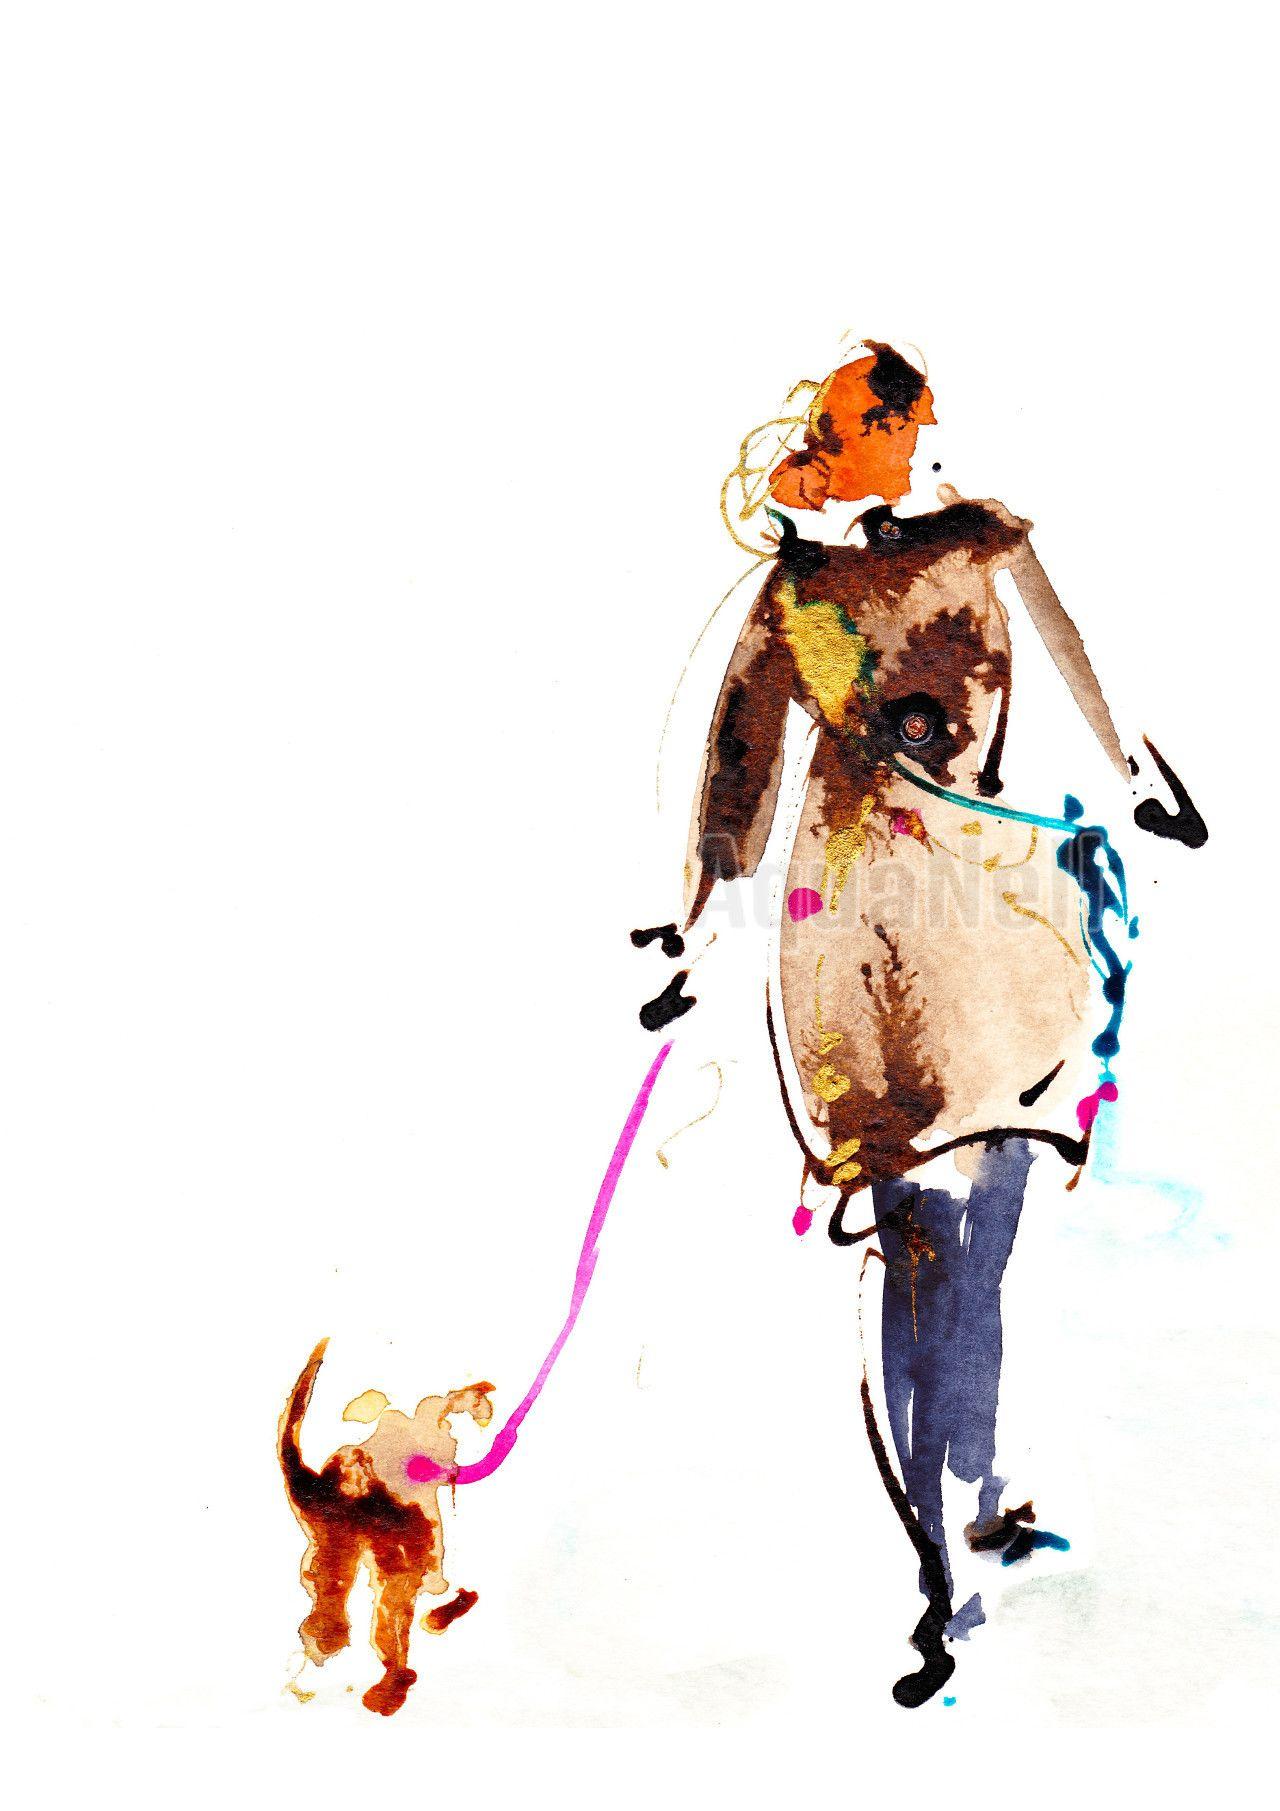 Peinture Aquarelle Mariage Pour Decorer Best Friend Watercolor